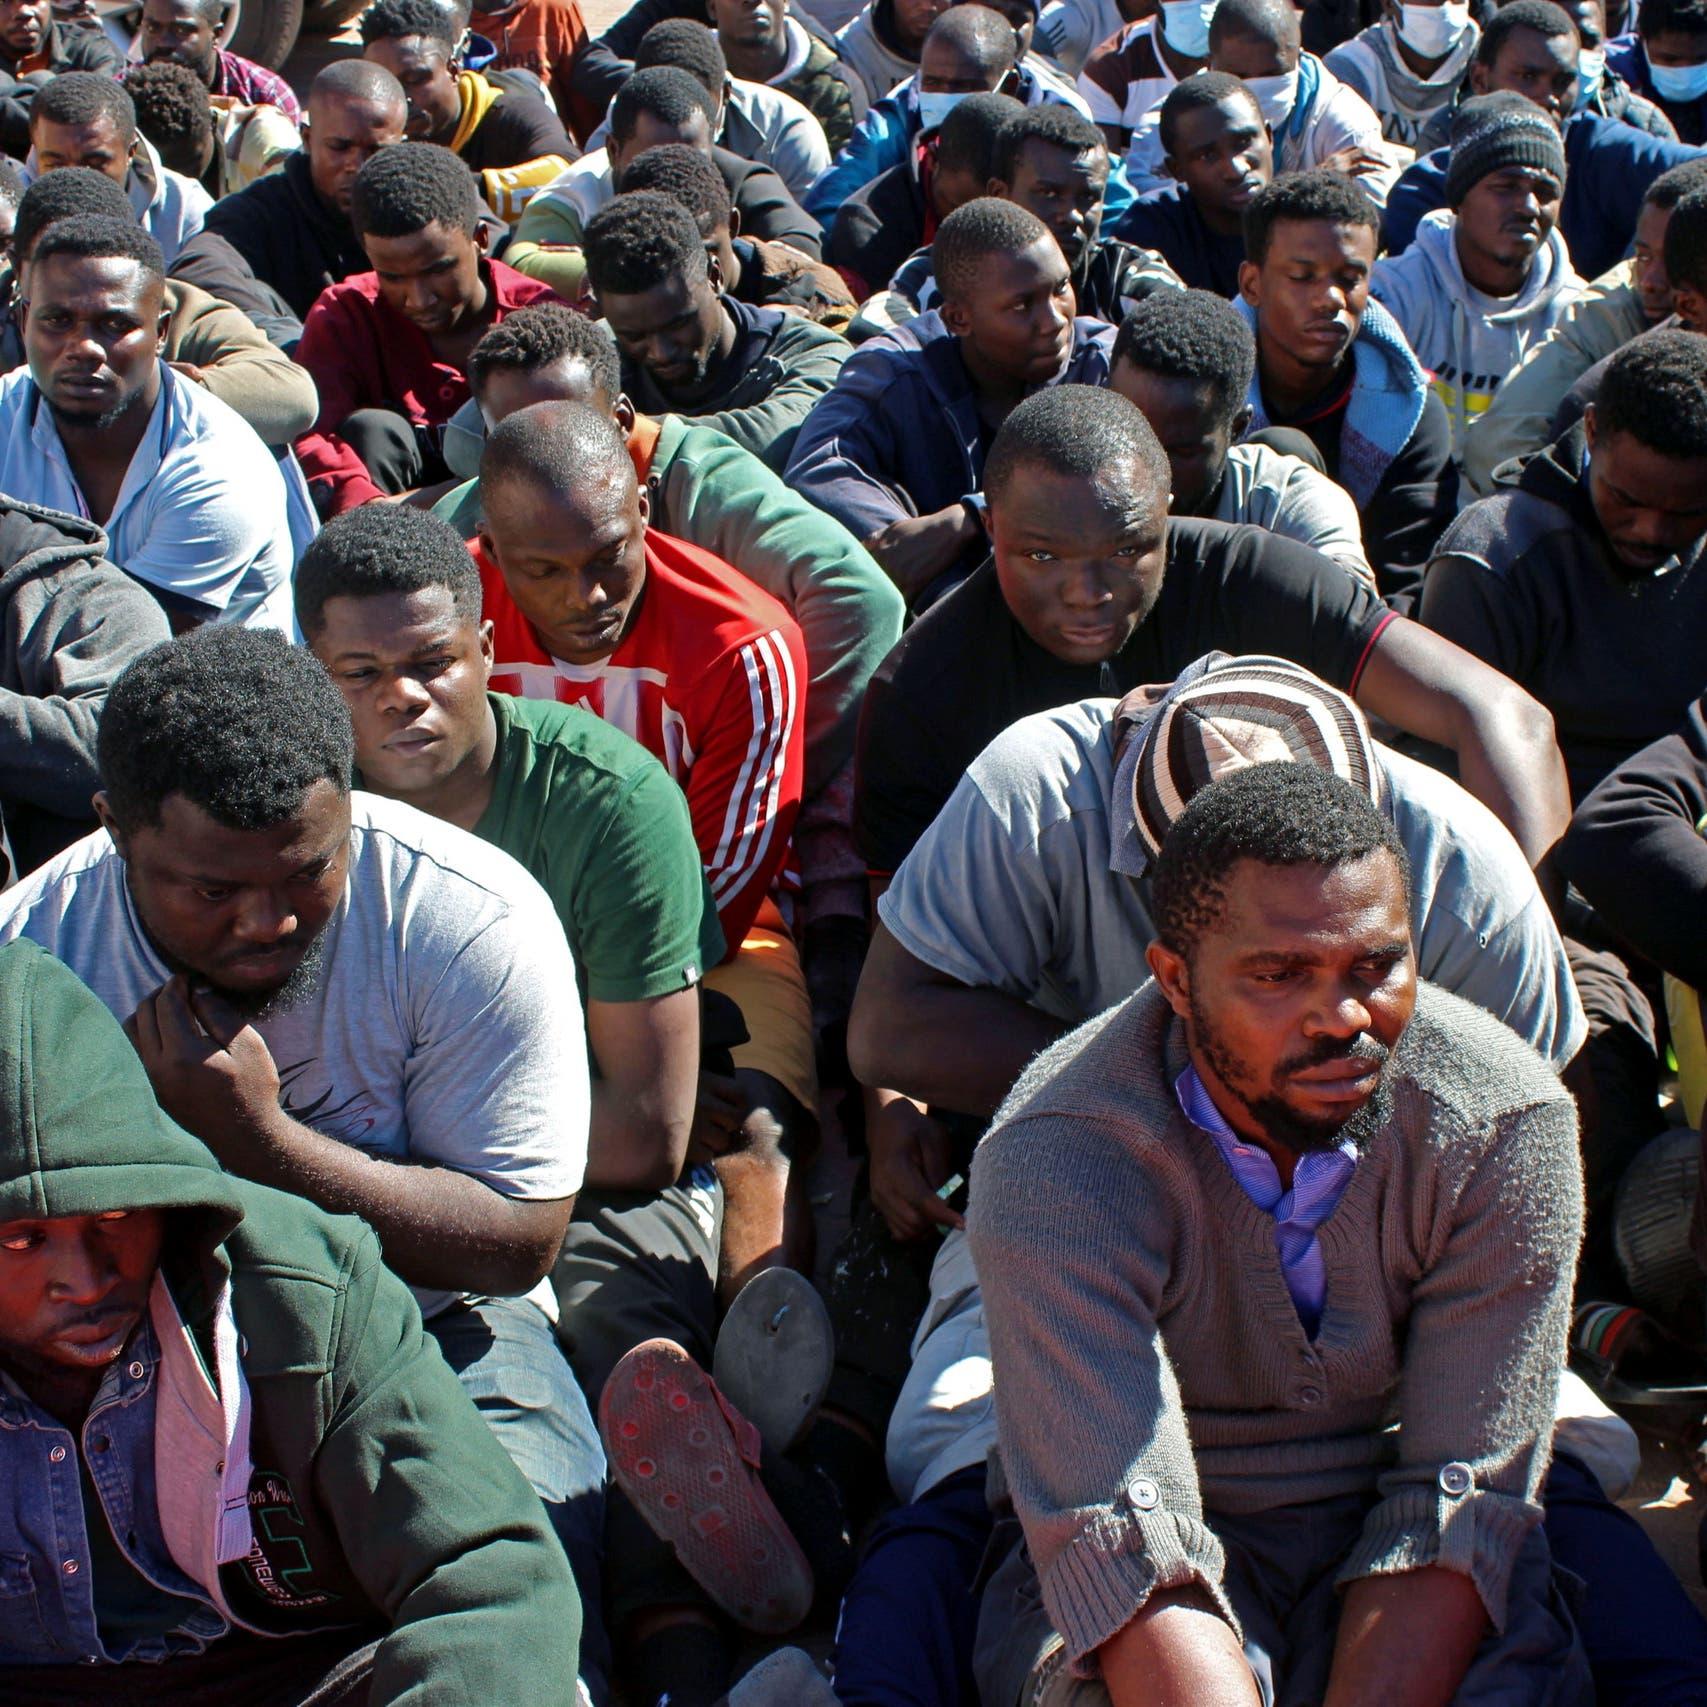 منظمة العفو: المهاجرون يتعرضون بليبيا لانتهاكات مروّعة